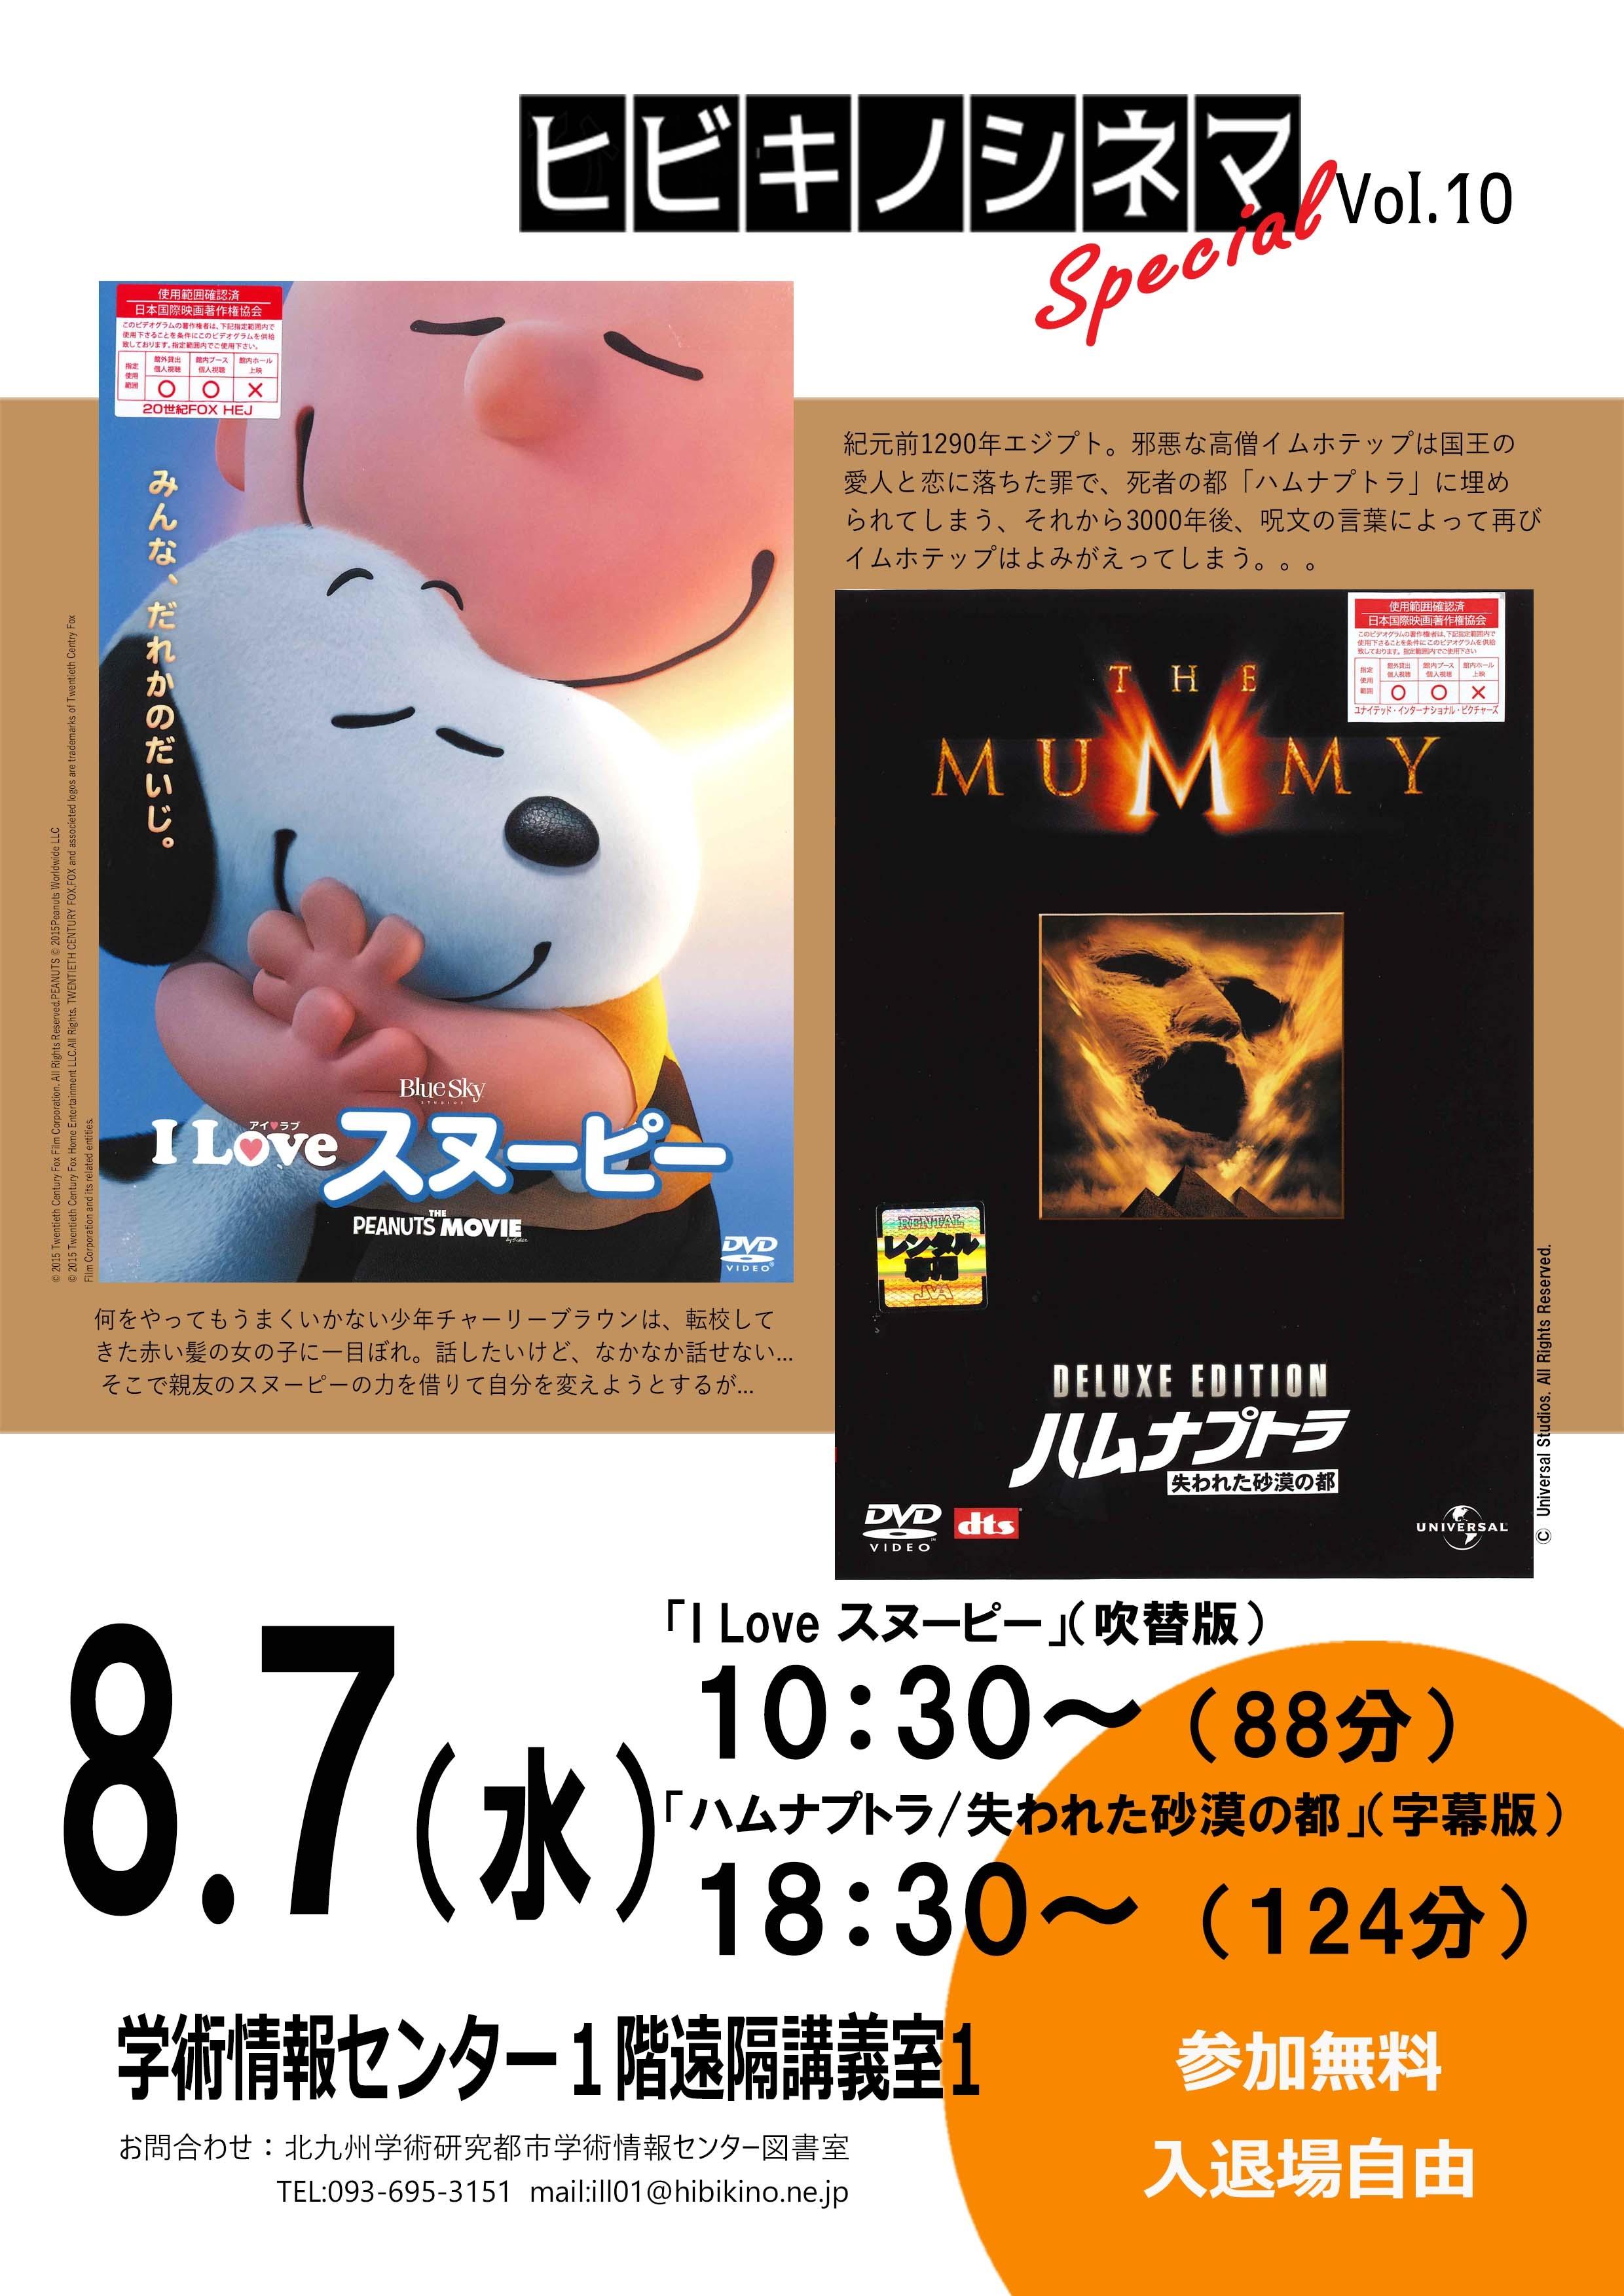 ヒビキノシネマ vol.10